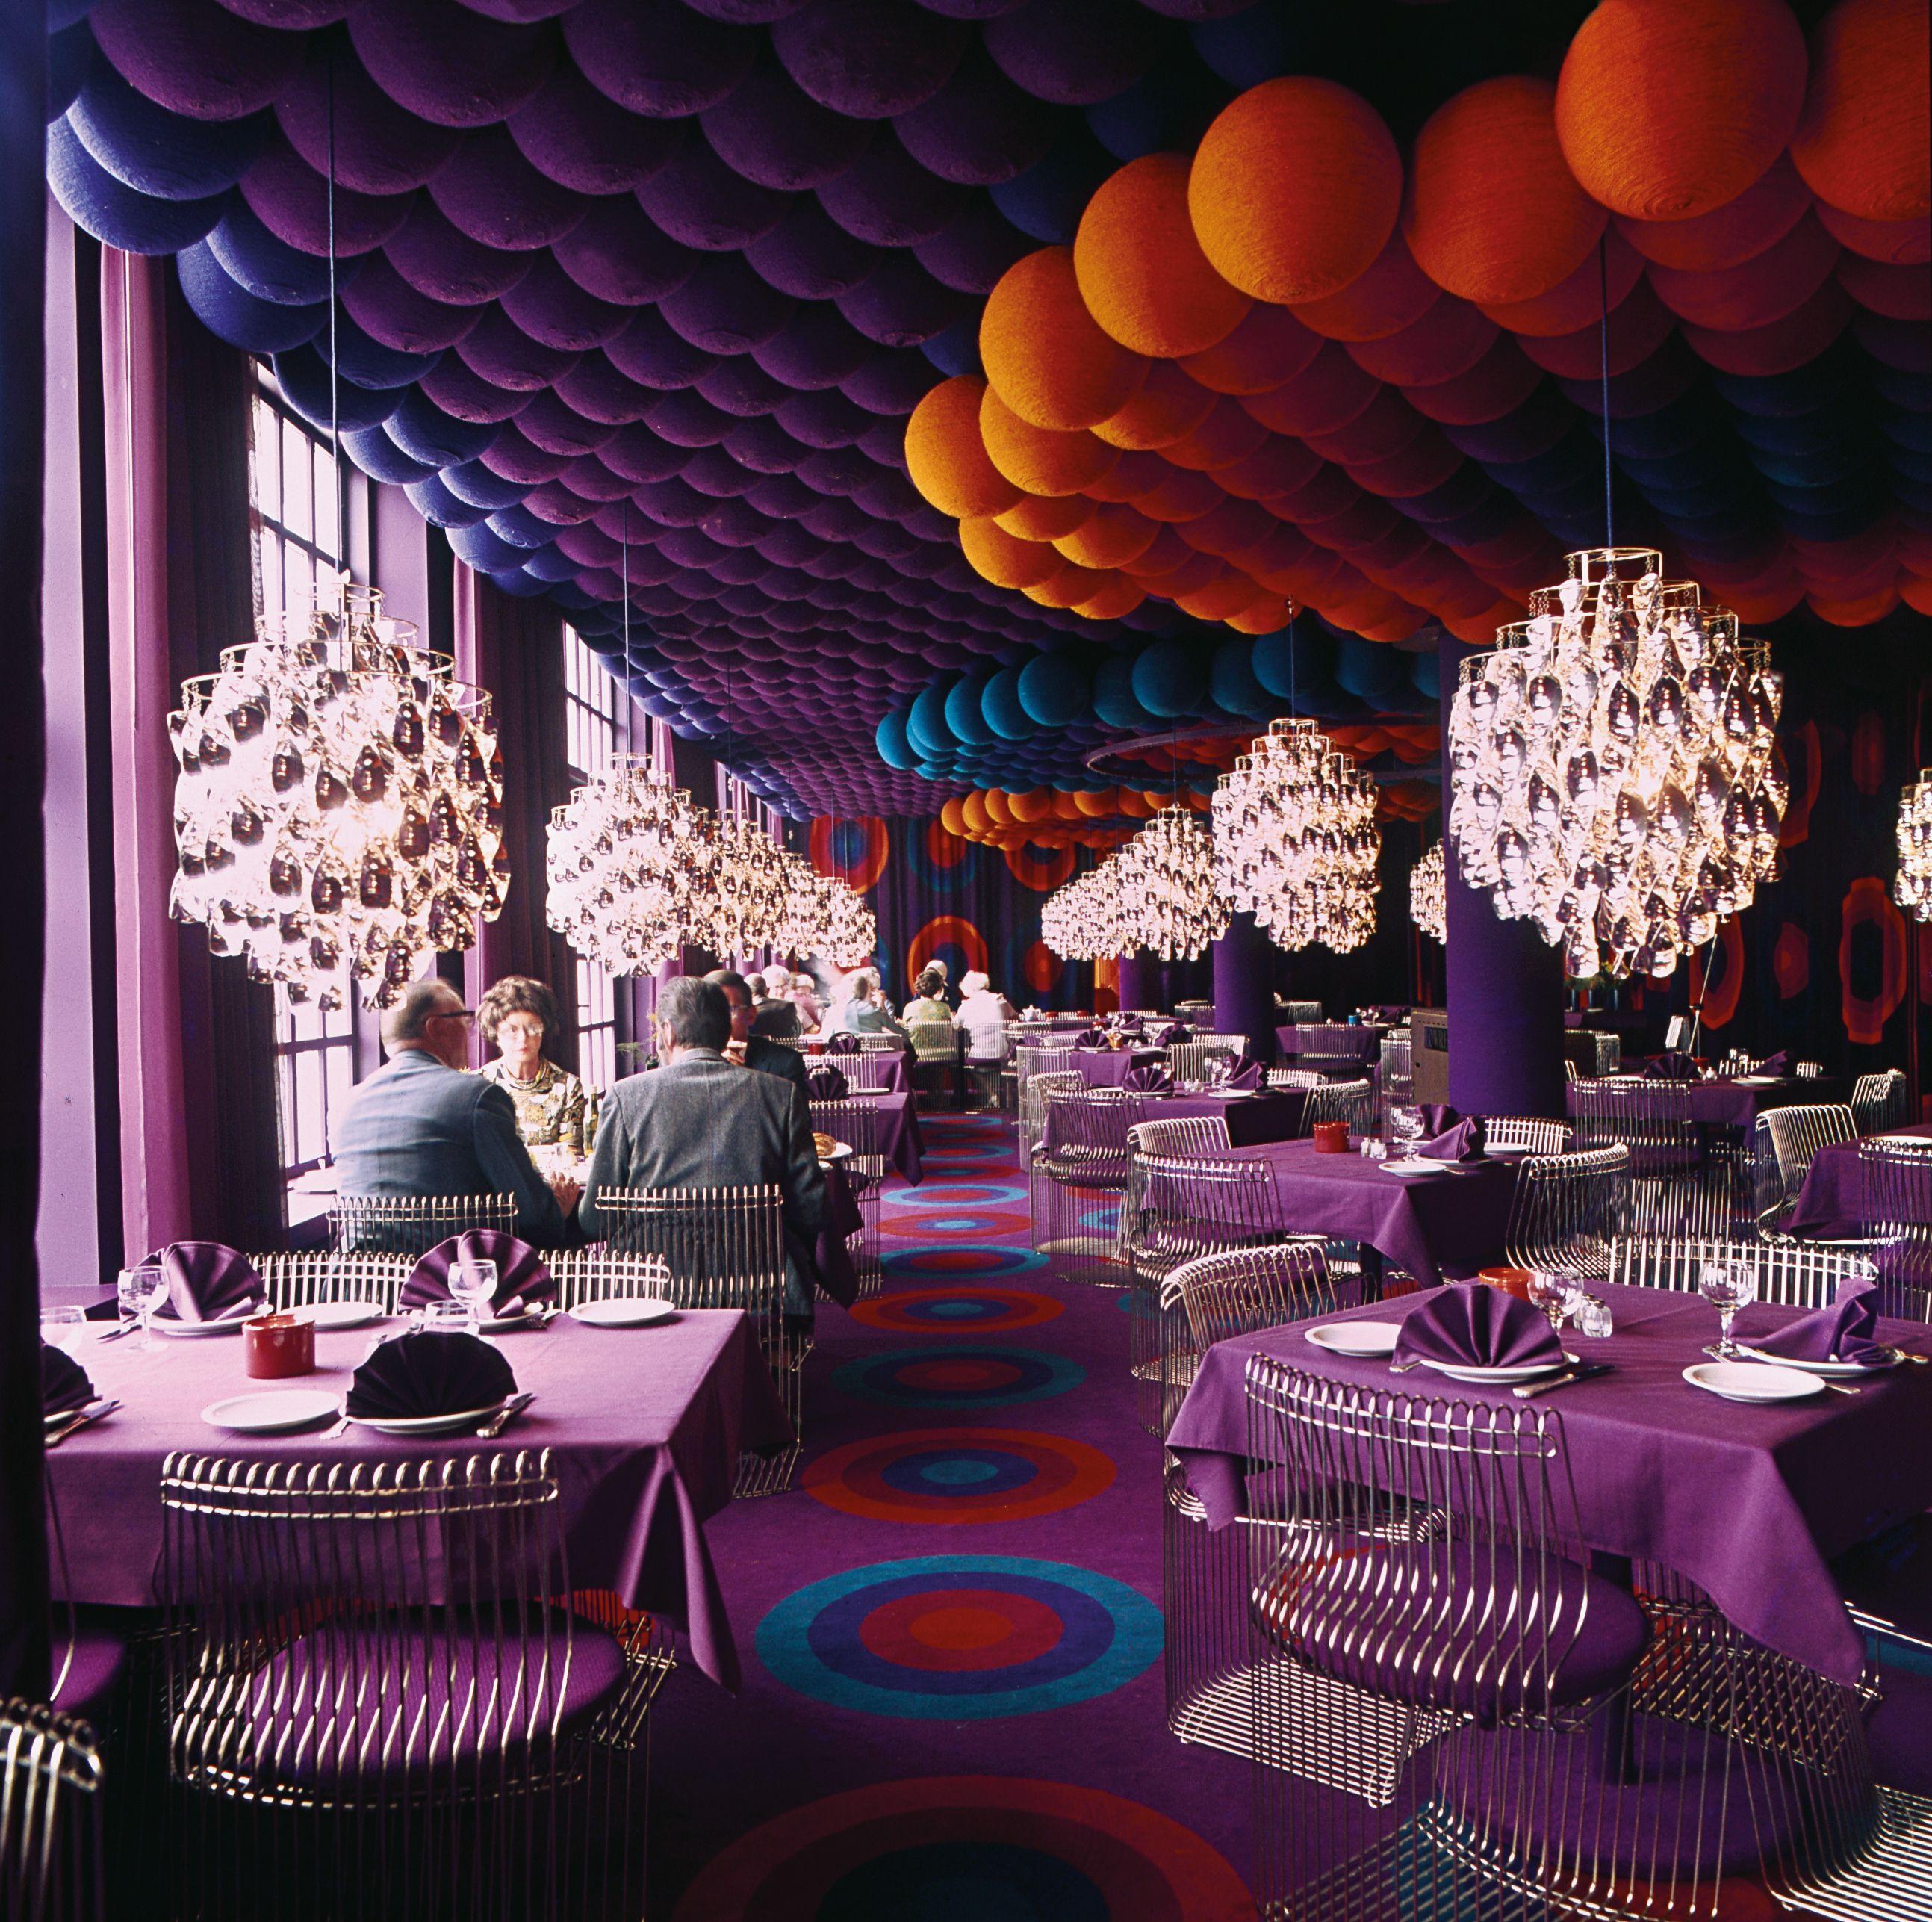 Verner Panton's Restaurant Varna, Århus, 1971